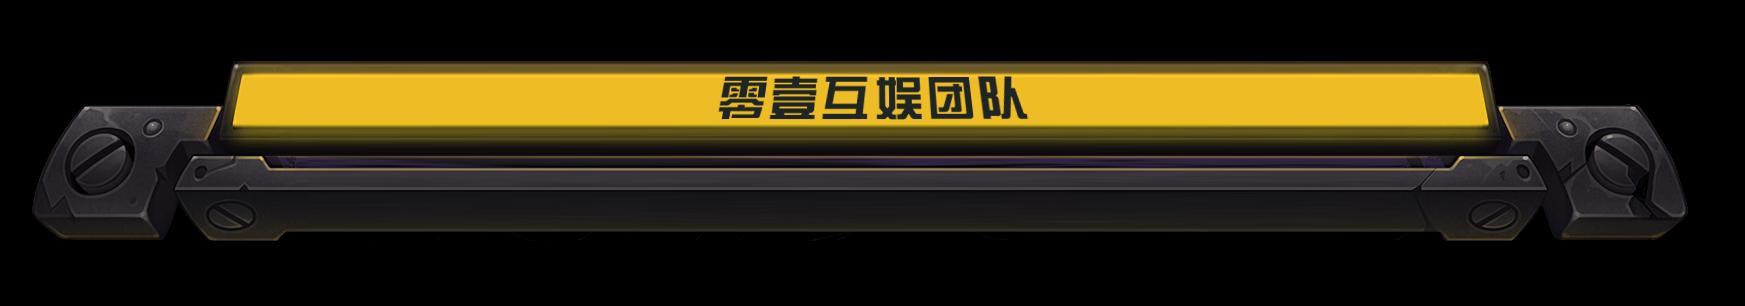 零壹互娱团队介绍.png